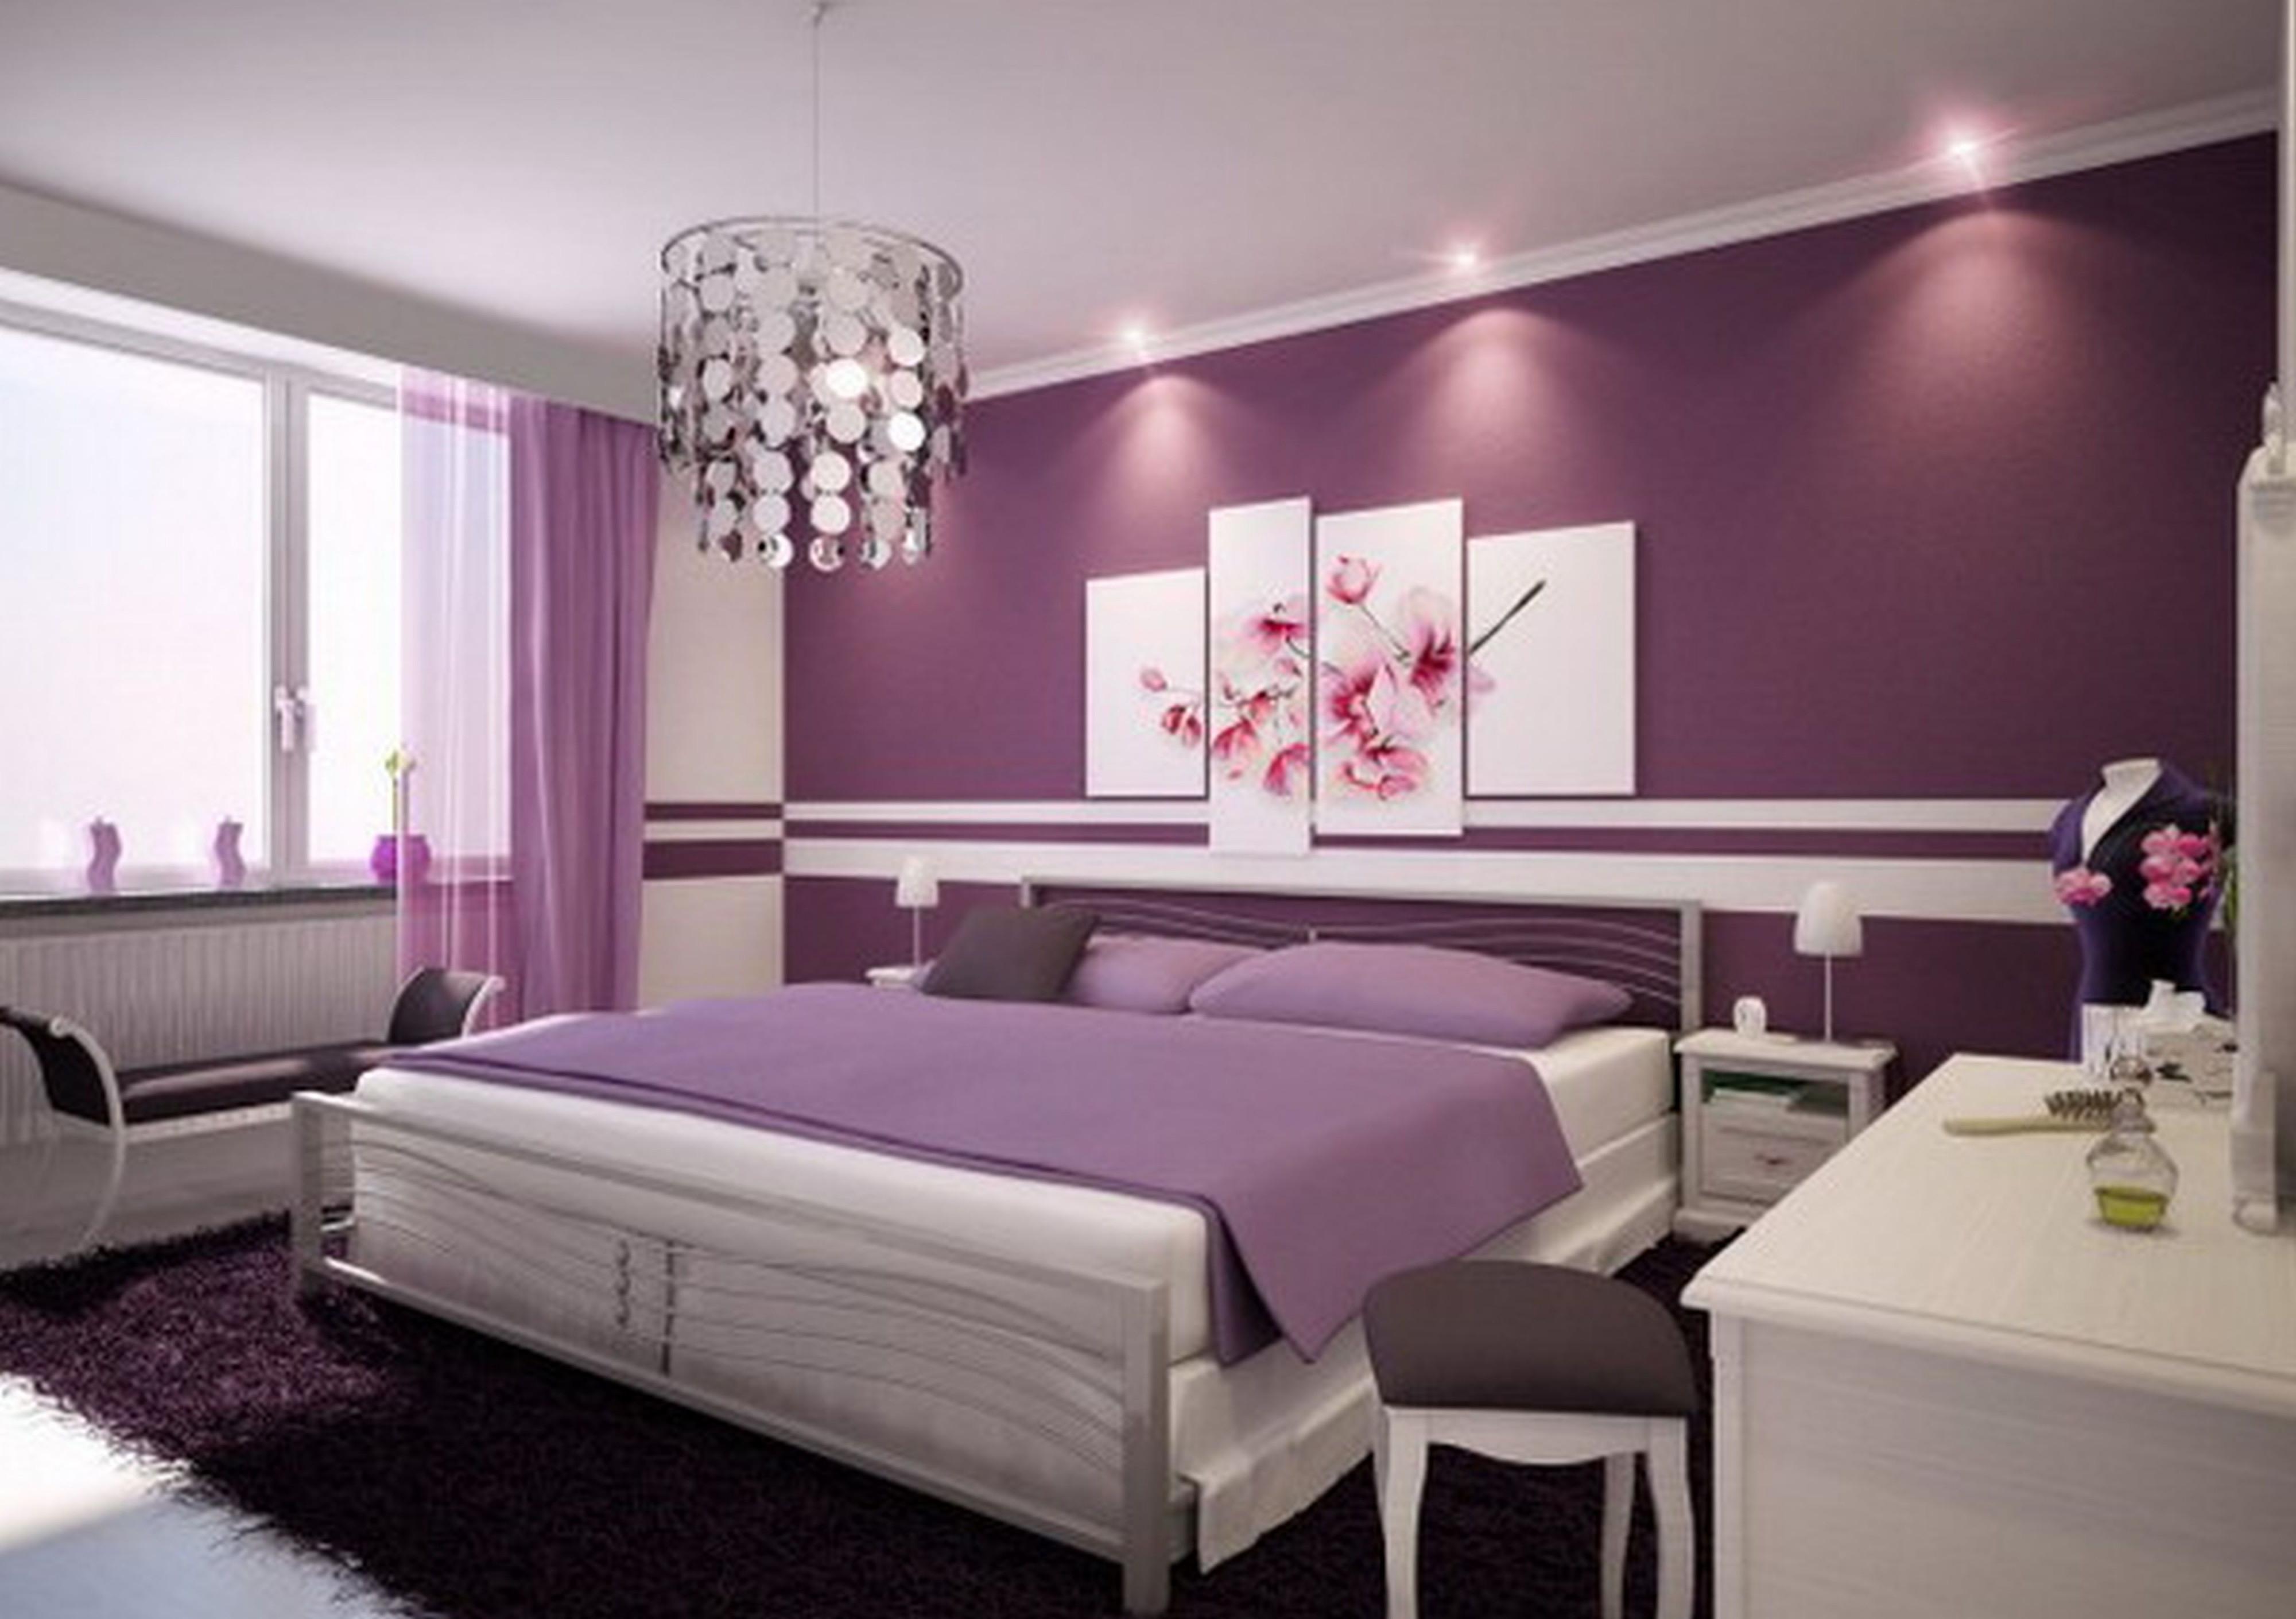 Haus Malerei Designs Und Farben Die Äußere Zauberstab Malen von Maler Ideen Wohnzimmer Bild